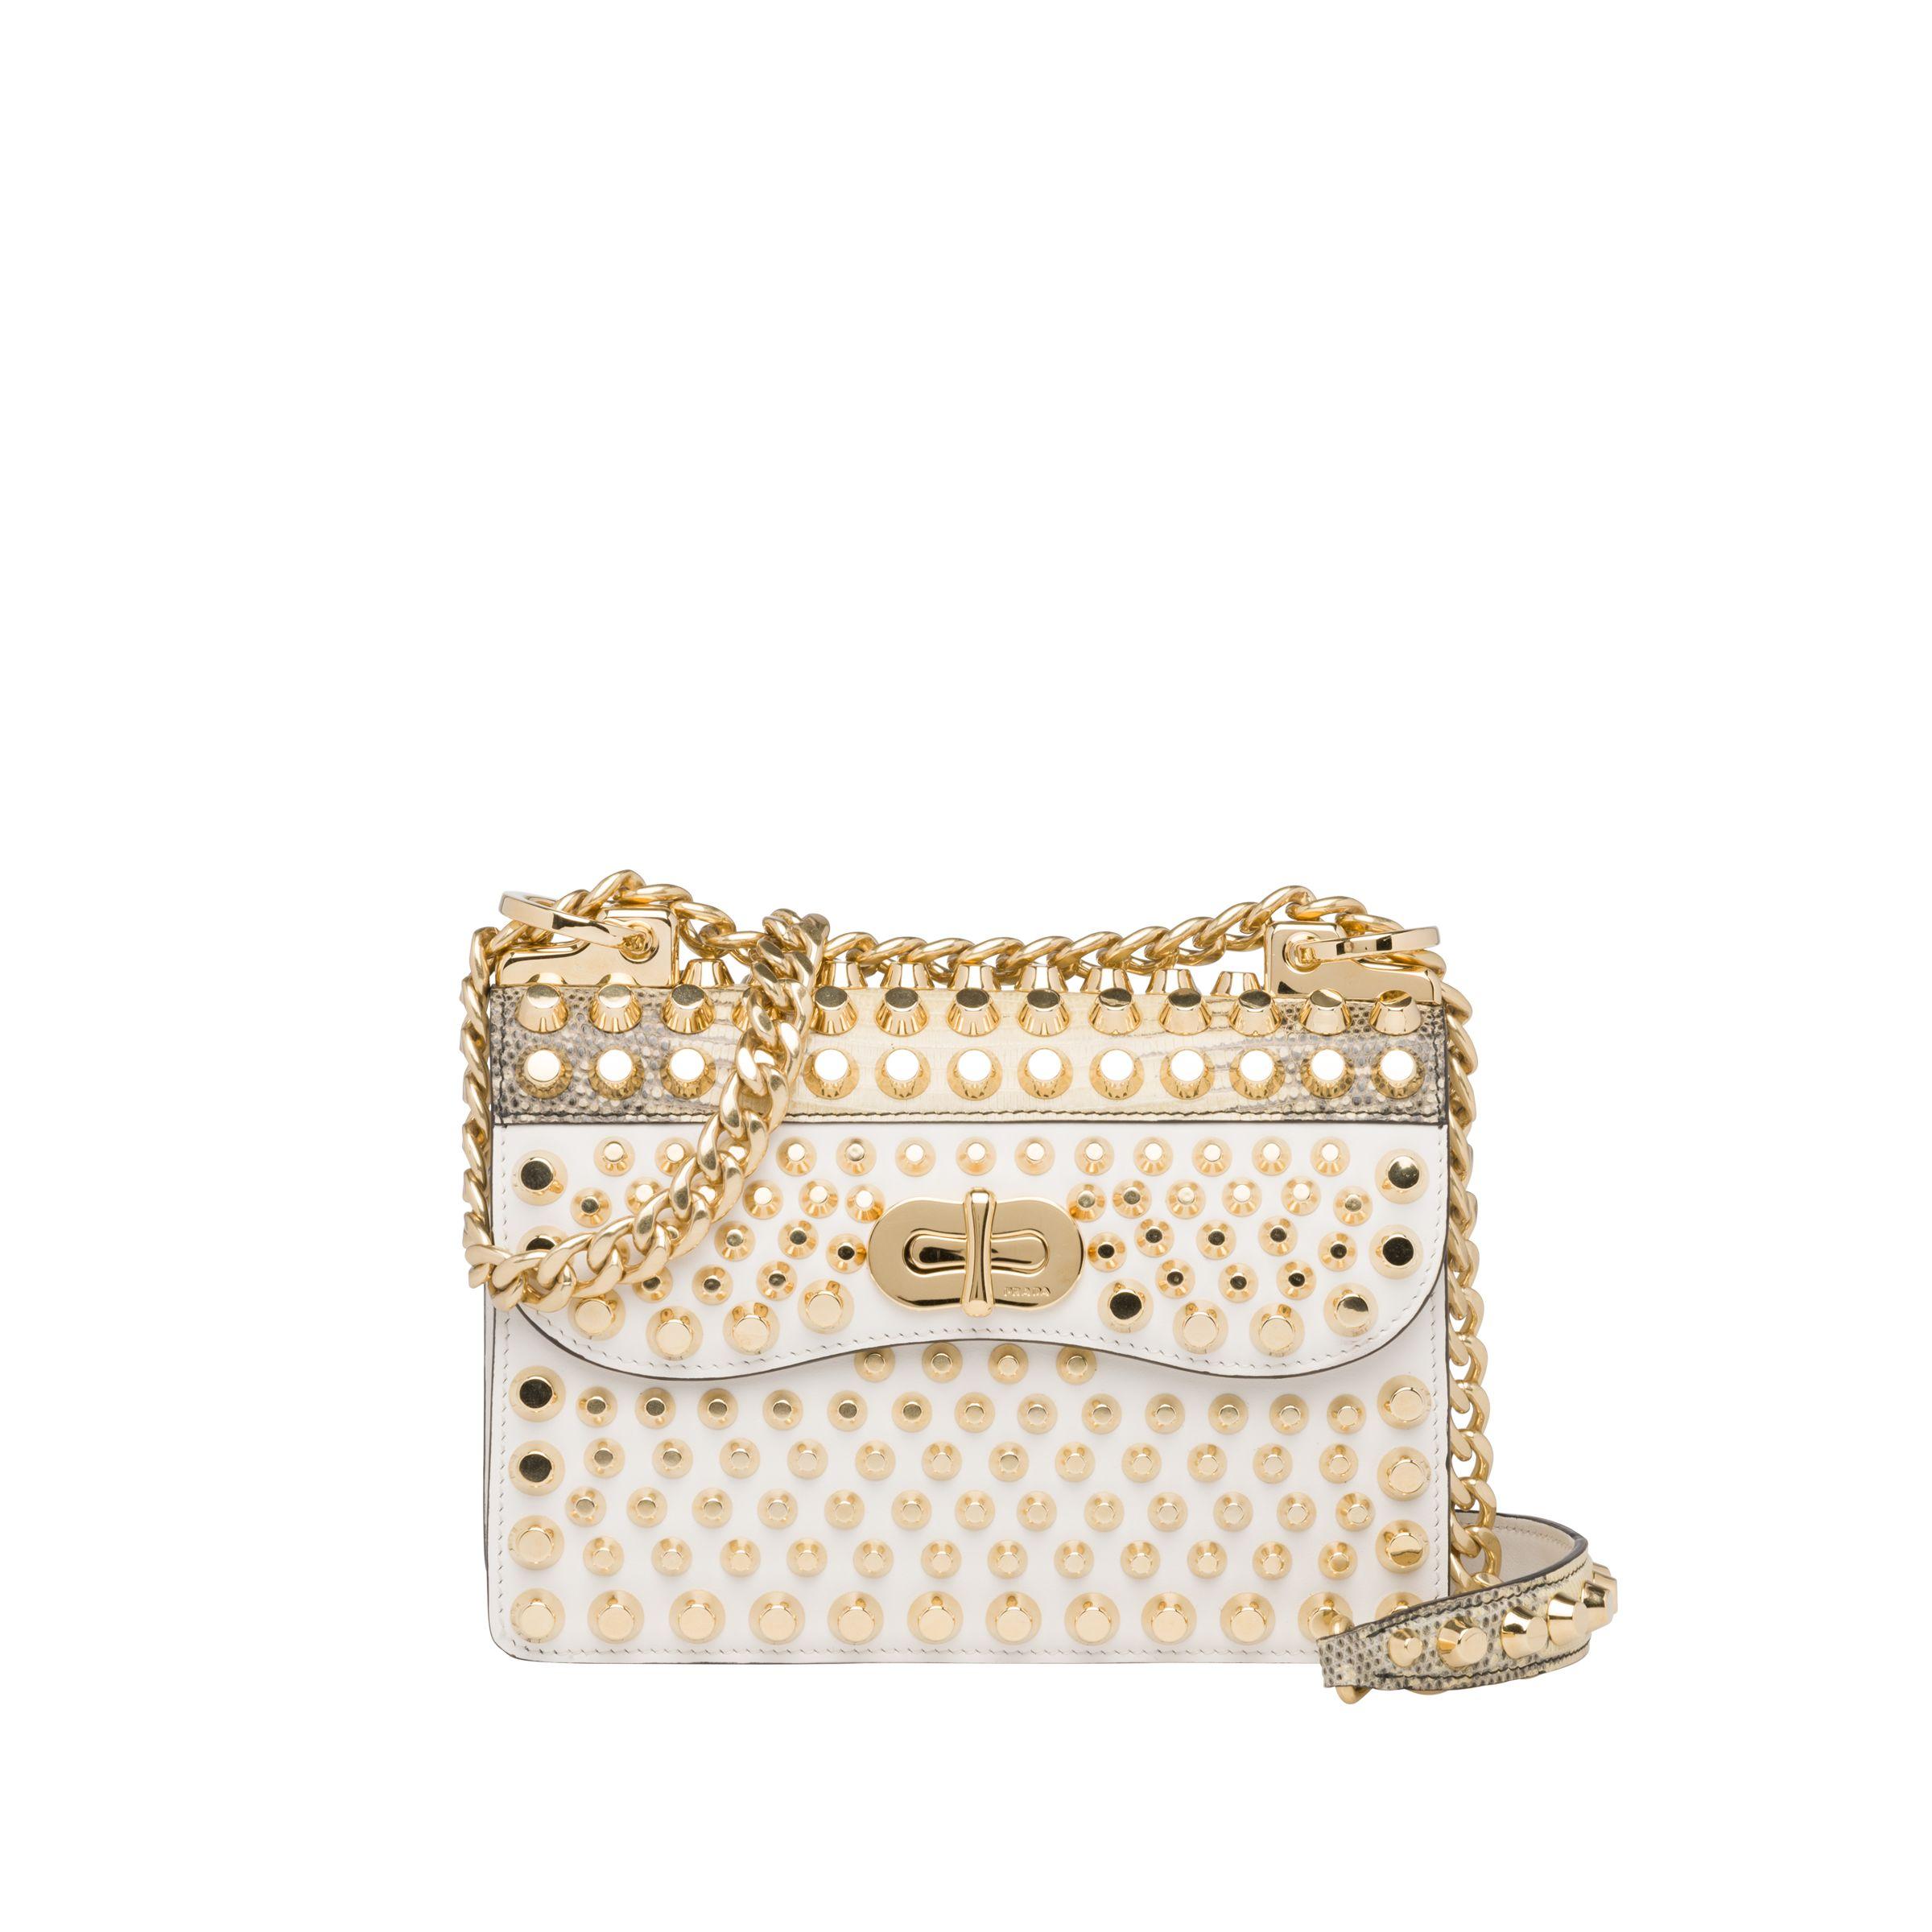 Mini borsa a tracolla con borchie Prada a 3,400 euro